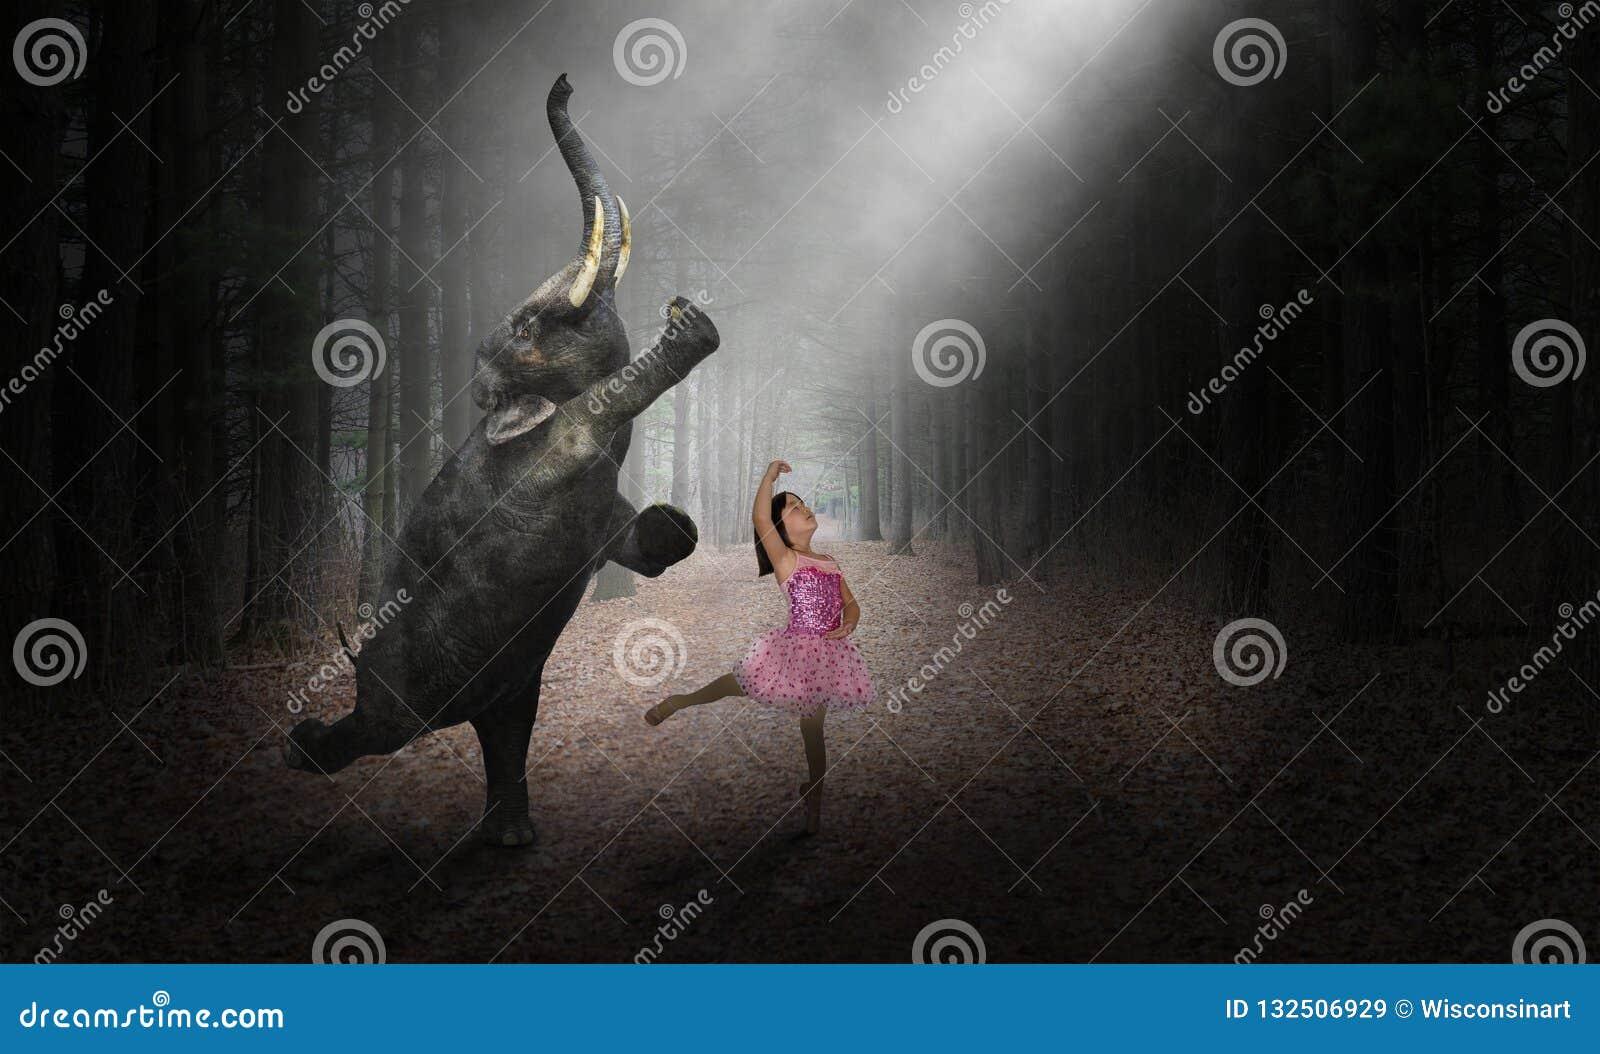 Danselefant, ballerinadansare, flicka, natur